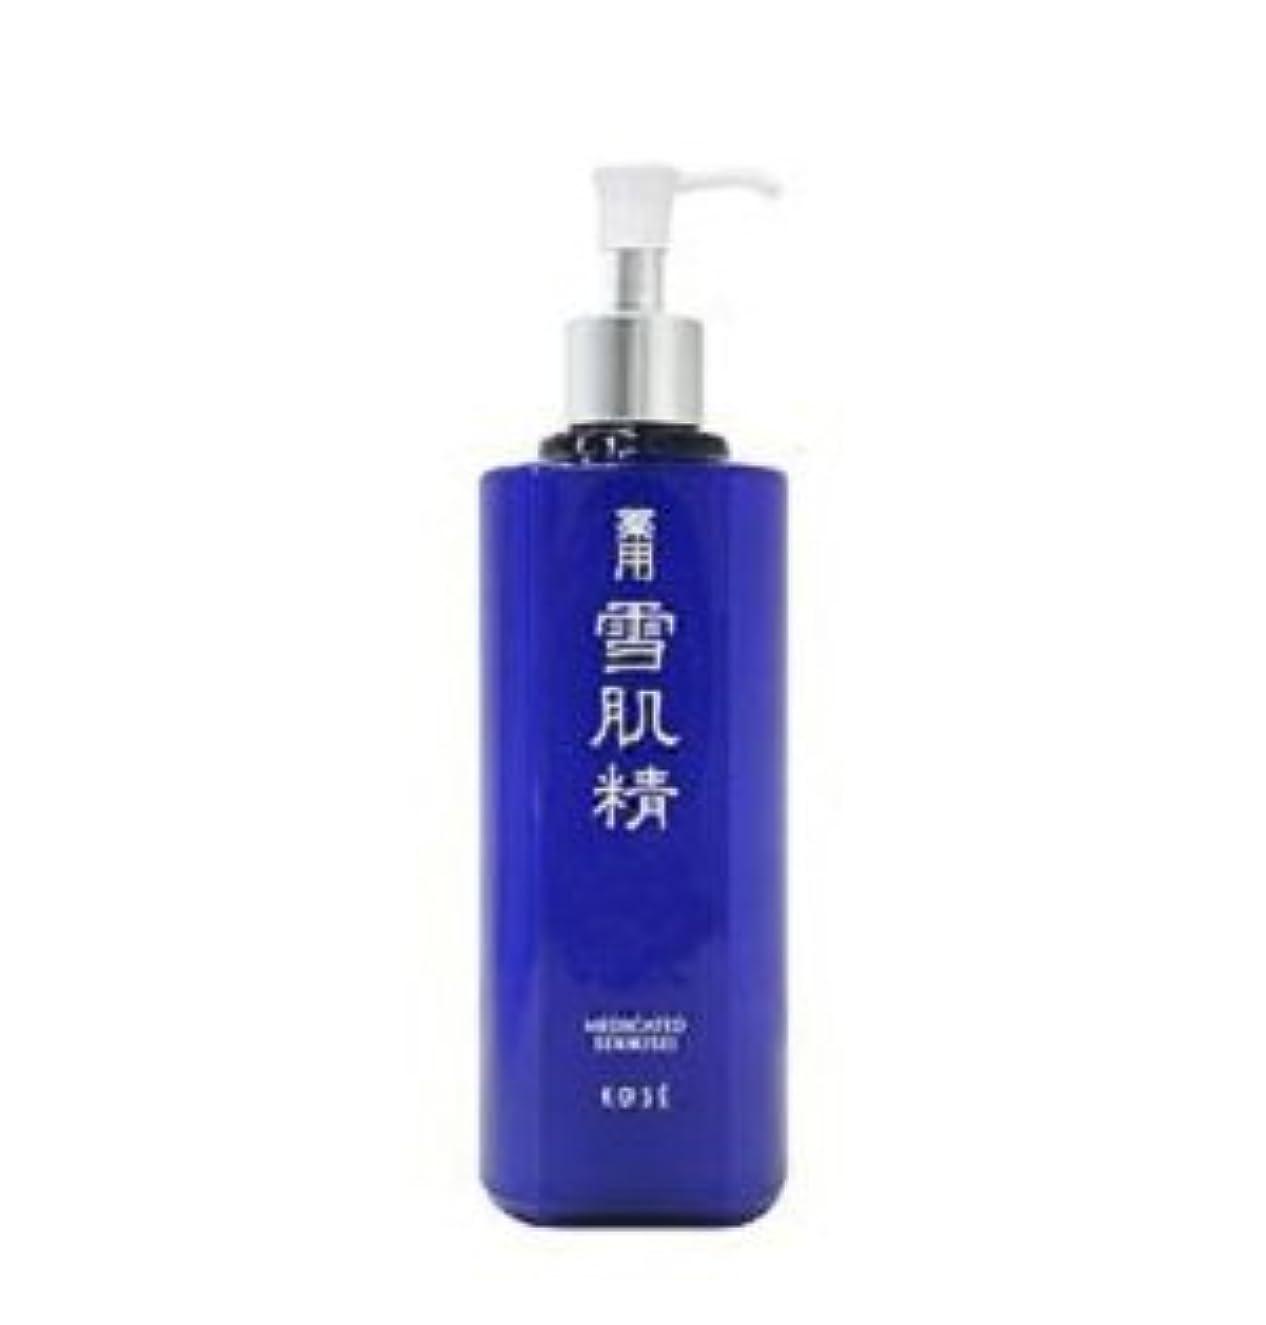 潜在的な排除する添加剤コーセー 薬用 雪肌精 化粧水 500ml 限定発売 ラージ ボトル